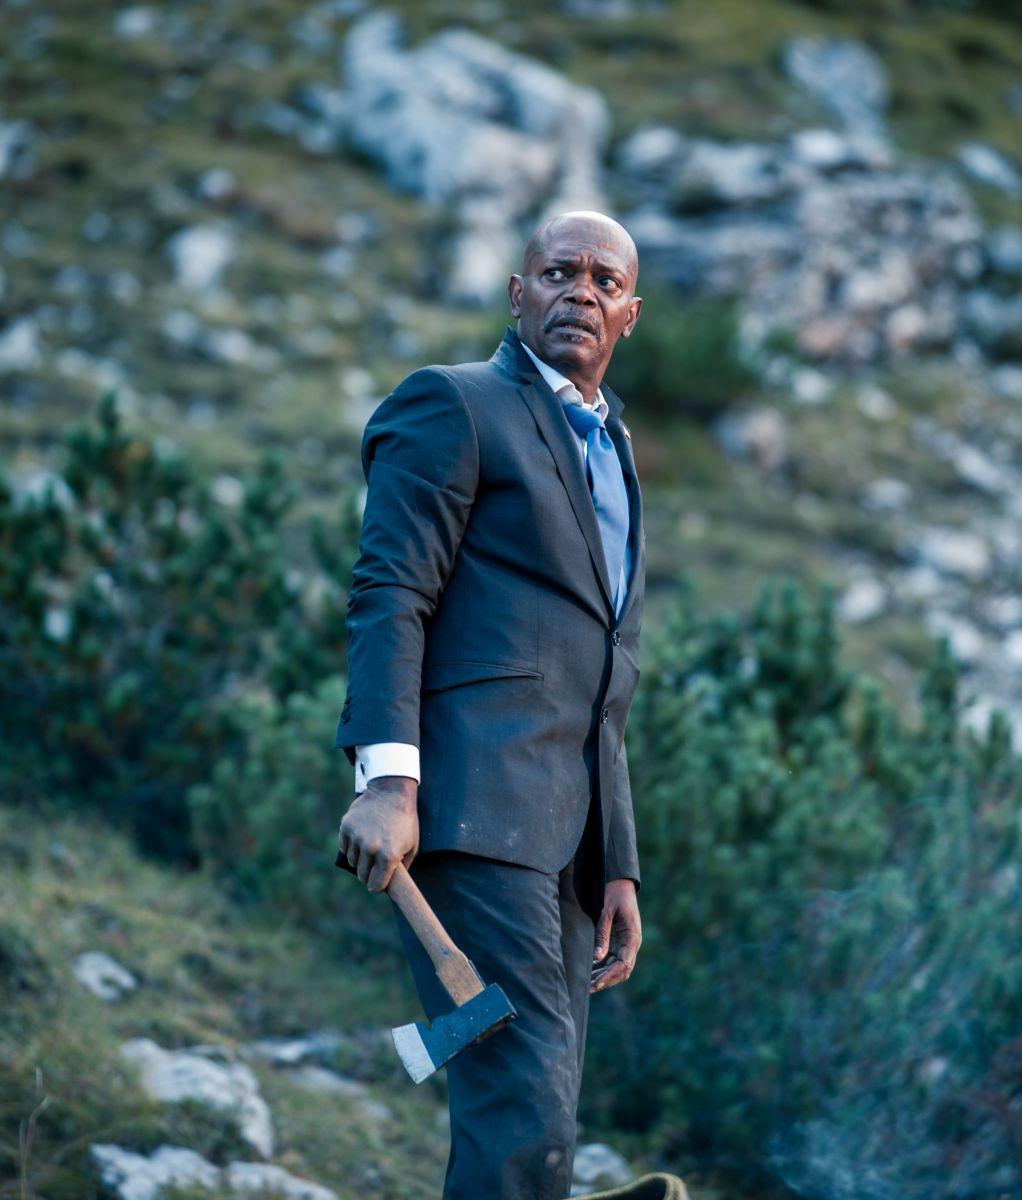 Big Game - Caccia al Presidente: Samuel L. Jackson pronto a difendersi in una scena del film